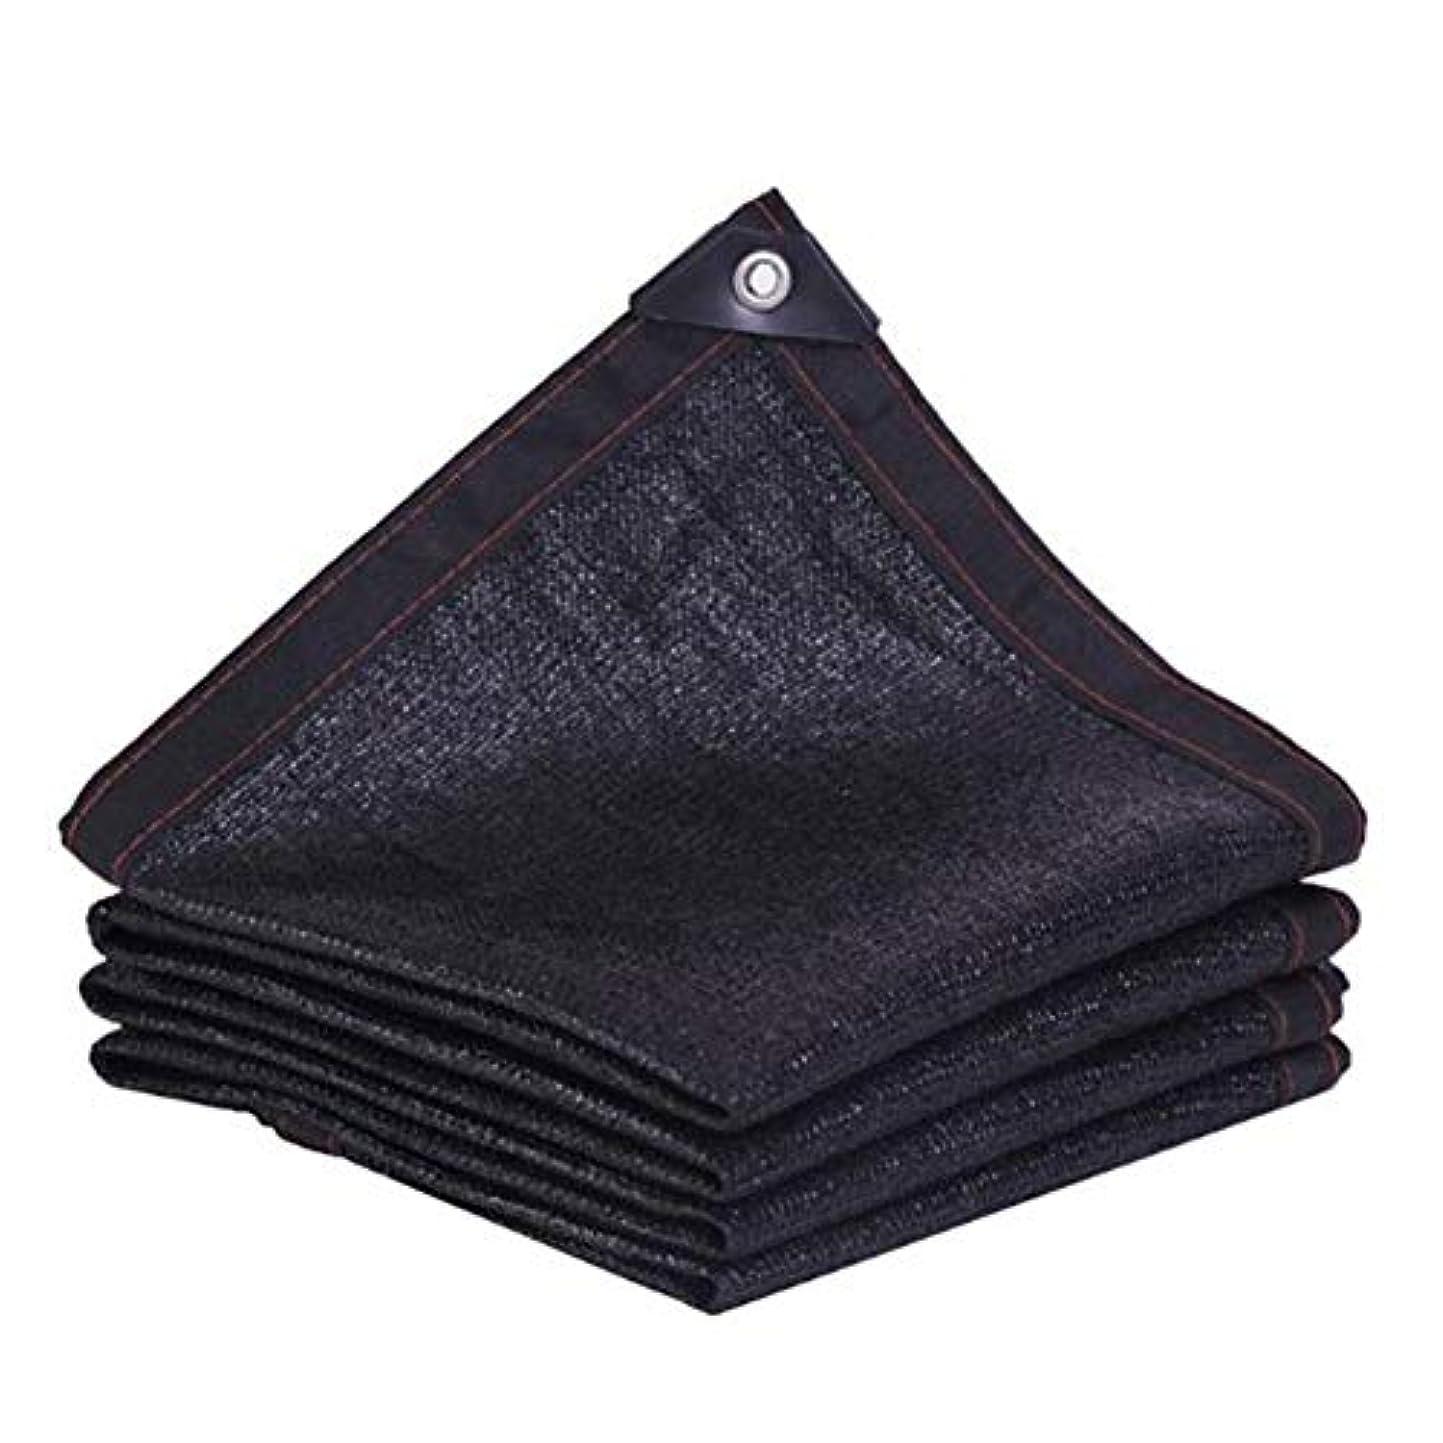 残酷肩をすくめる列挙するDALL 日焼け止めシェード布抗紫外線植物カバーメタルリングアイレット温室ガーデン屋外日焼け防止 (Color : Black, Size : 5×10m)